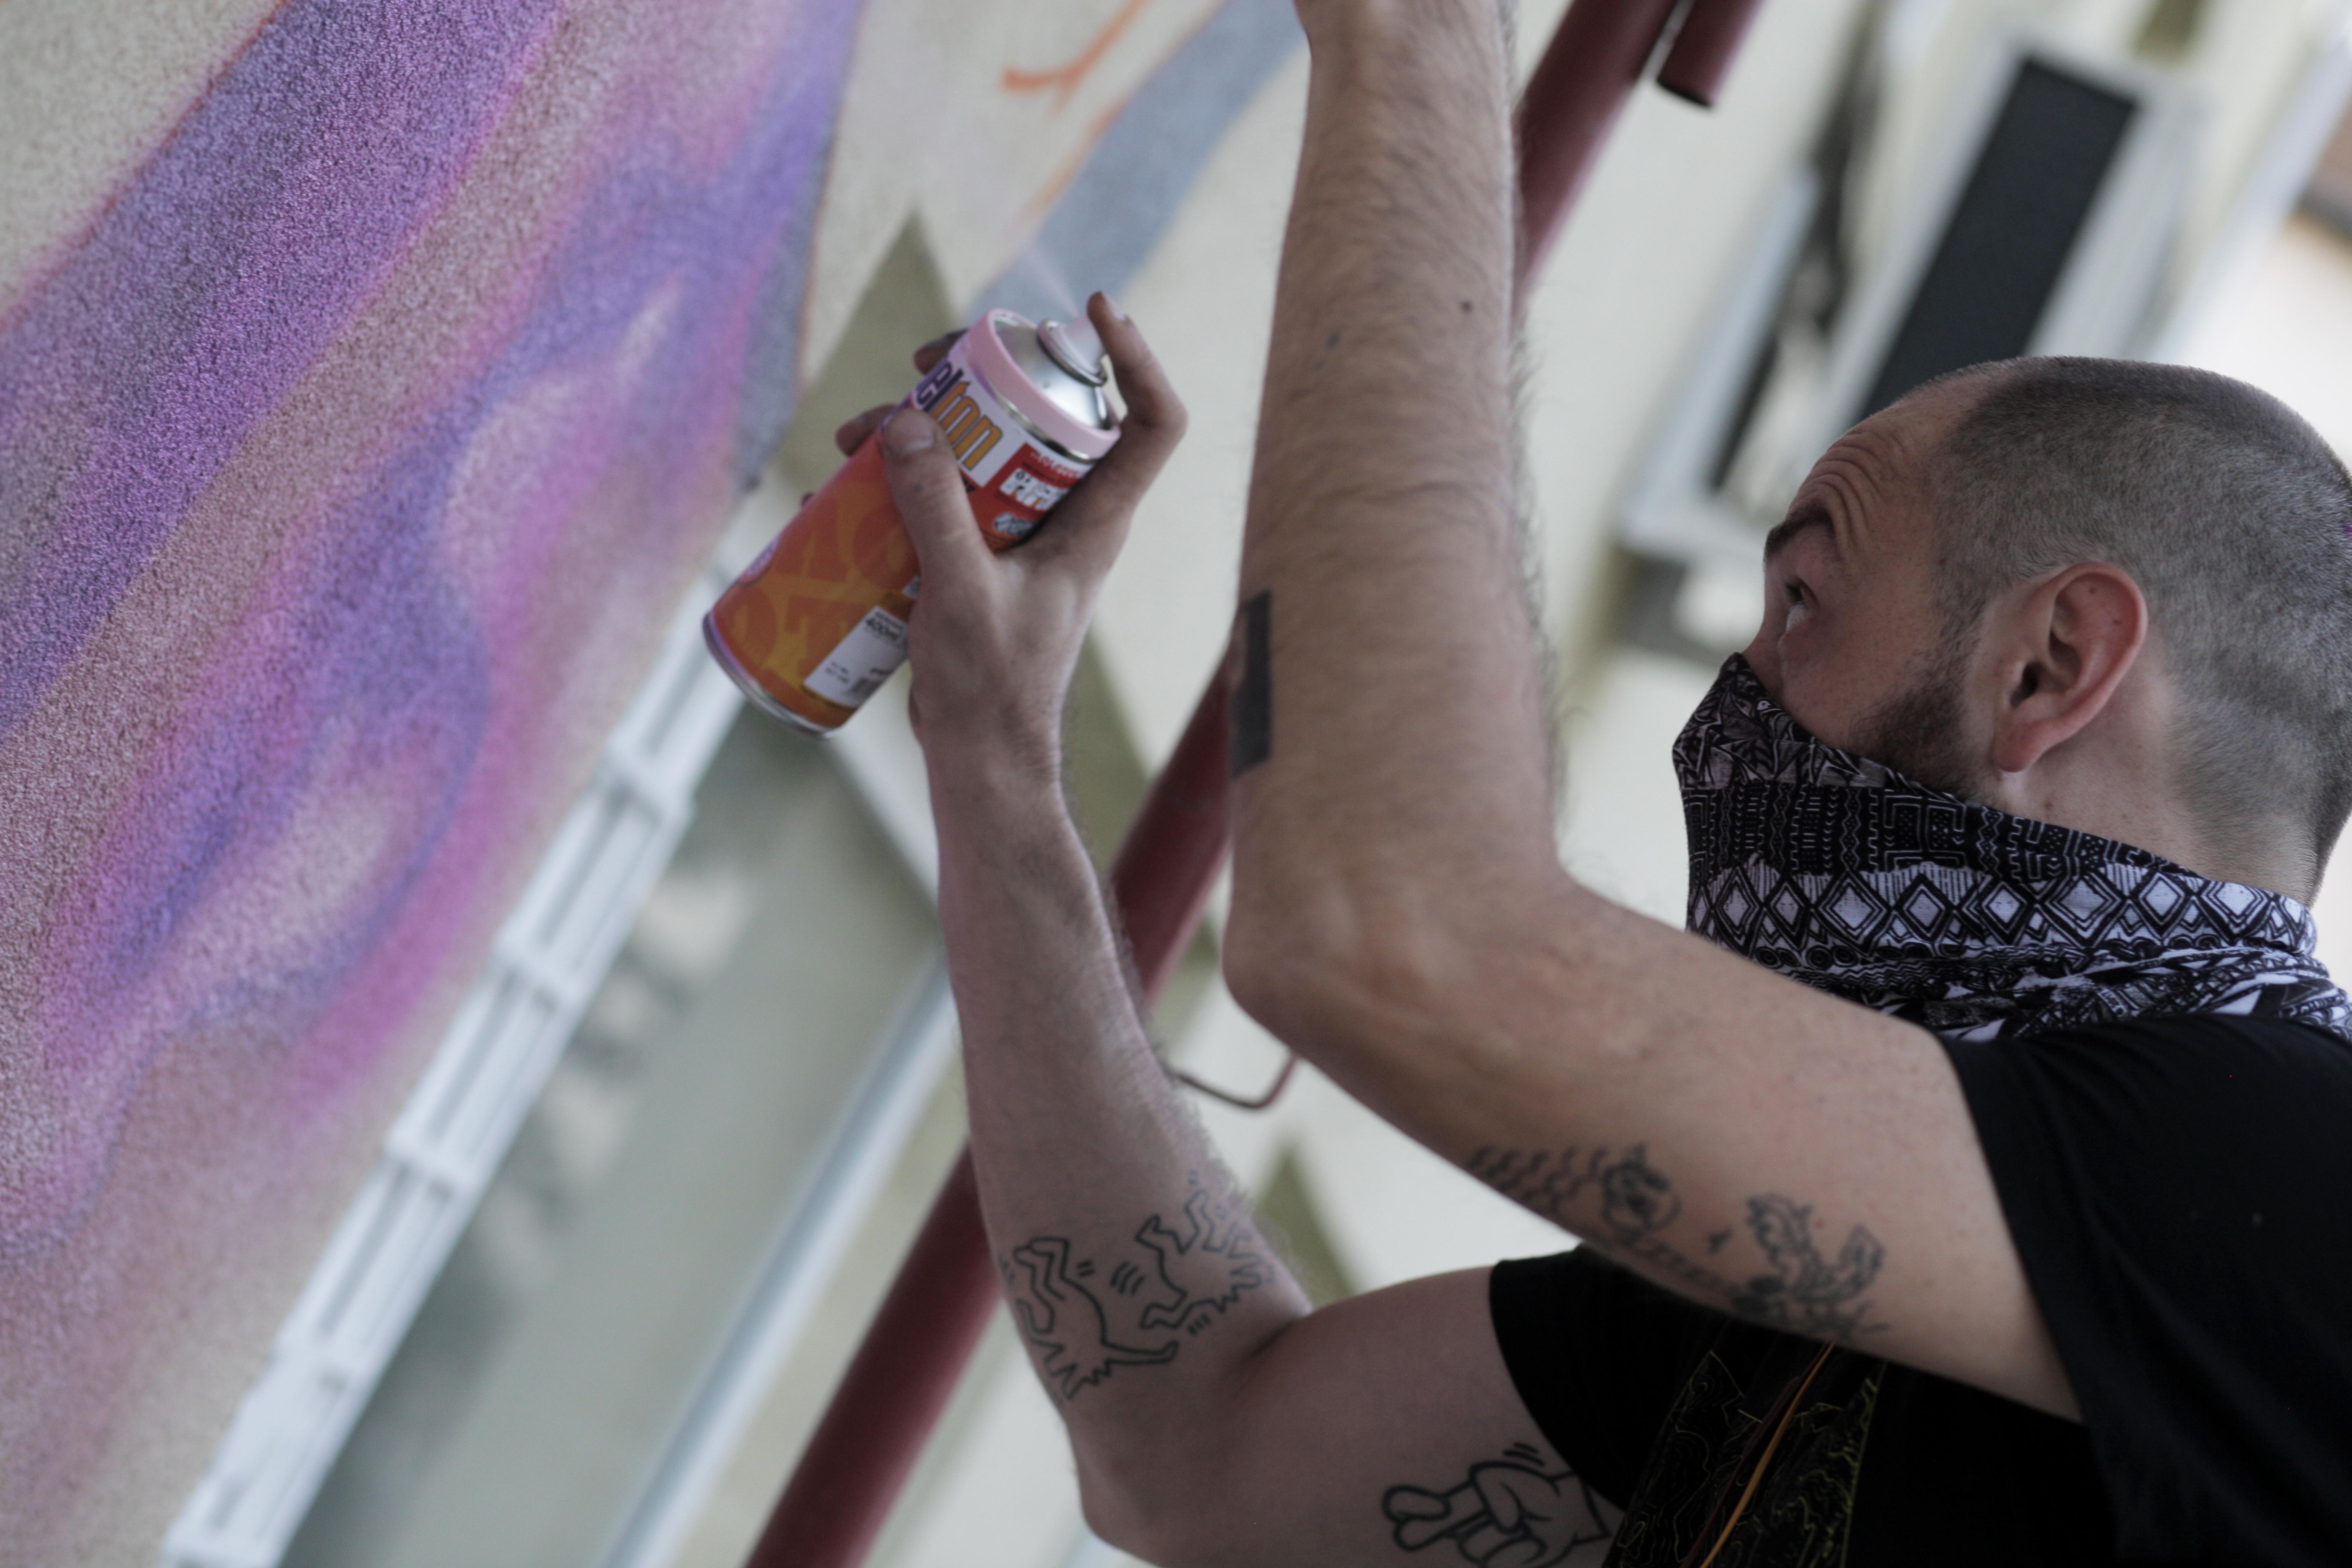 LUX pictând pereții școlii